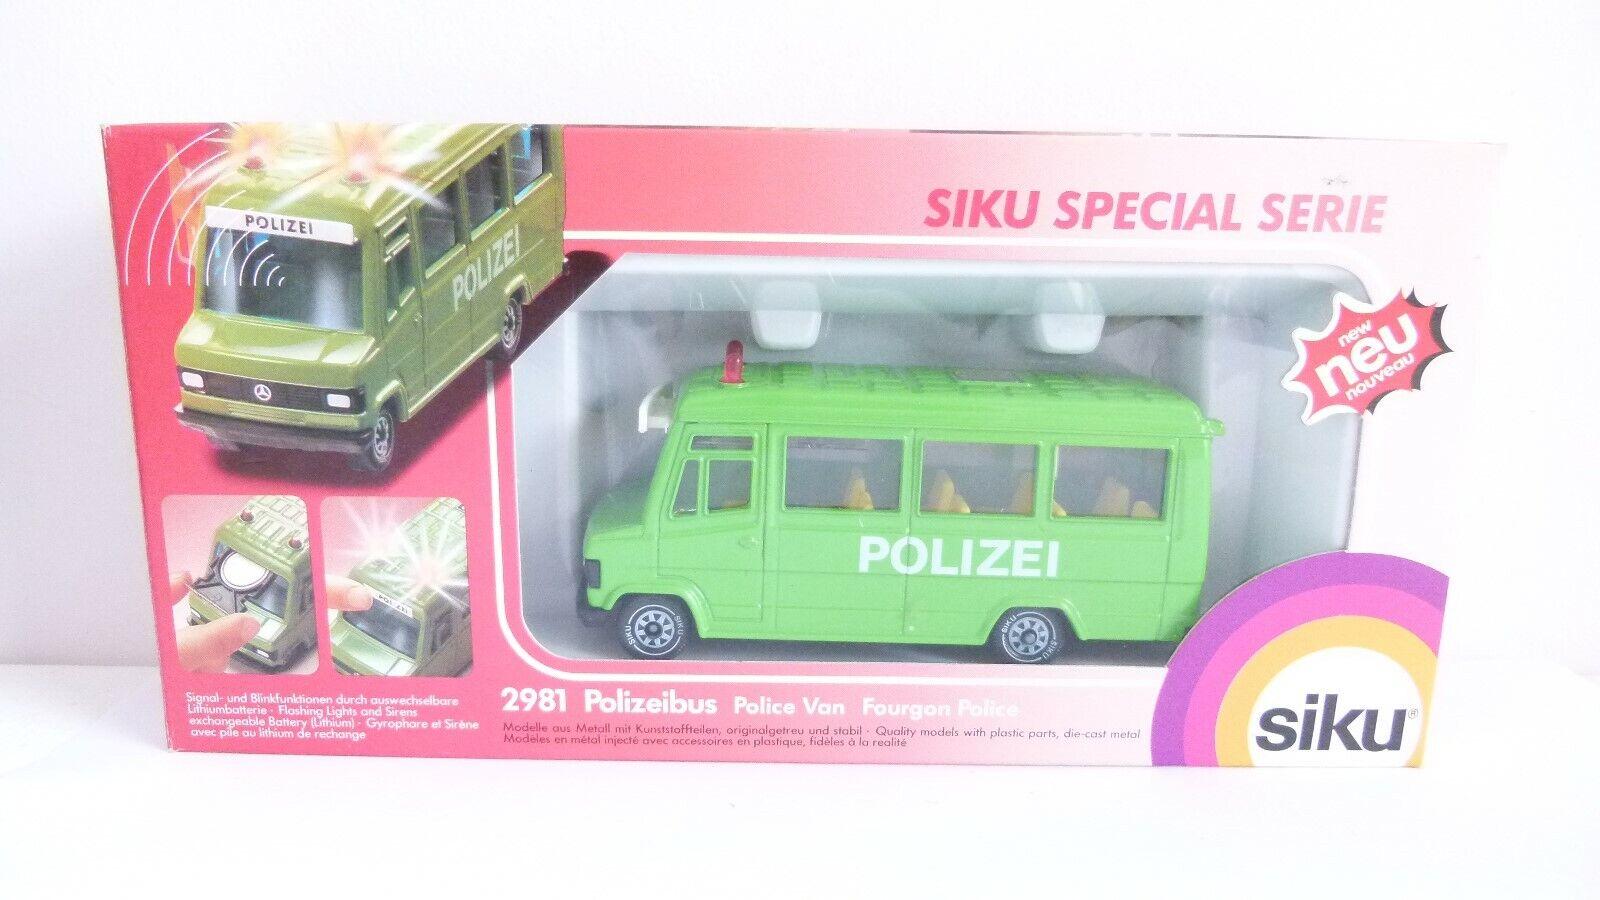 Siku Special Series Police Van - Boxed